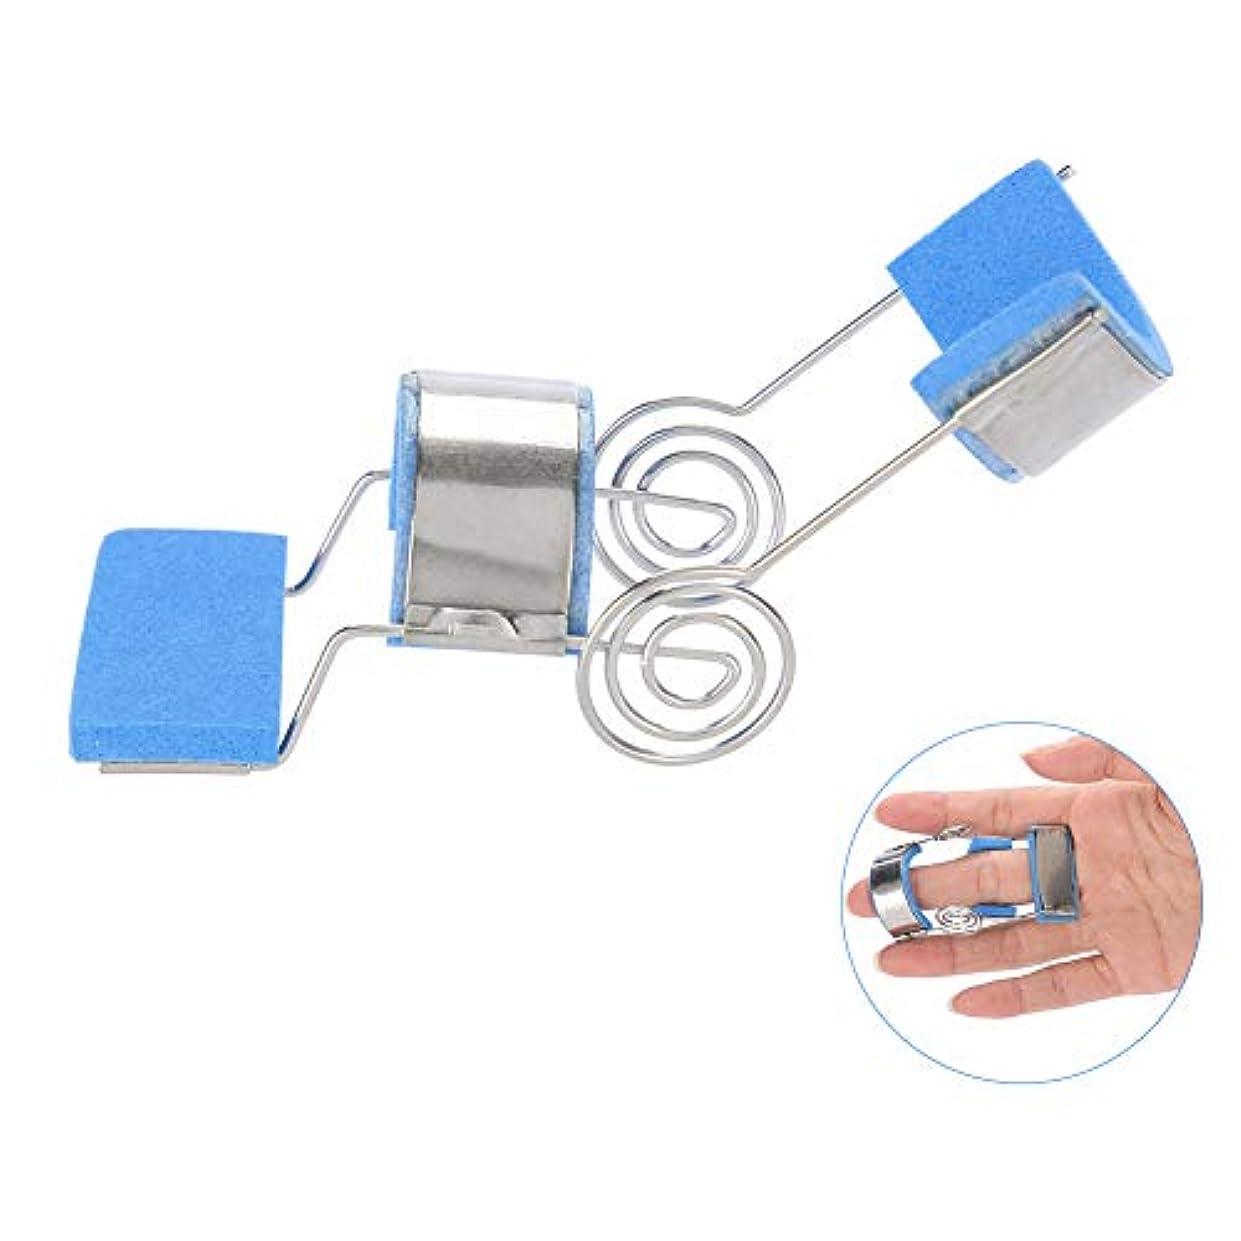 起こるメタンマインドフル指サポート リハビリテーション トレーニングデバイスフィンガースプリント フィンガー 指関節炎缓和(M)